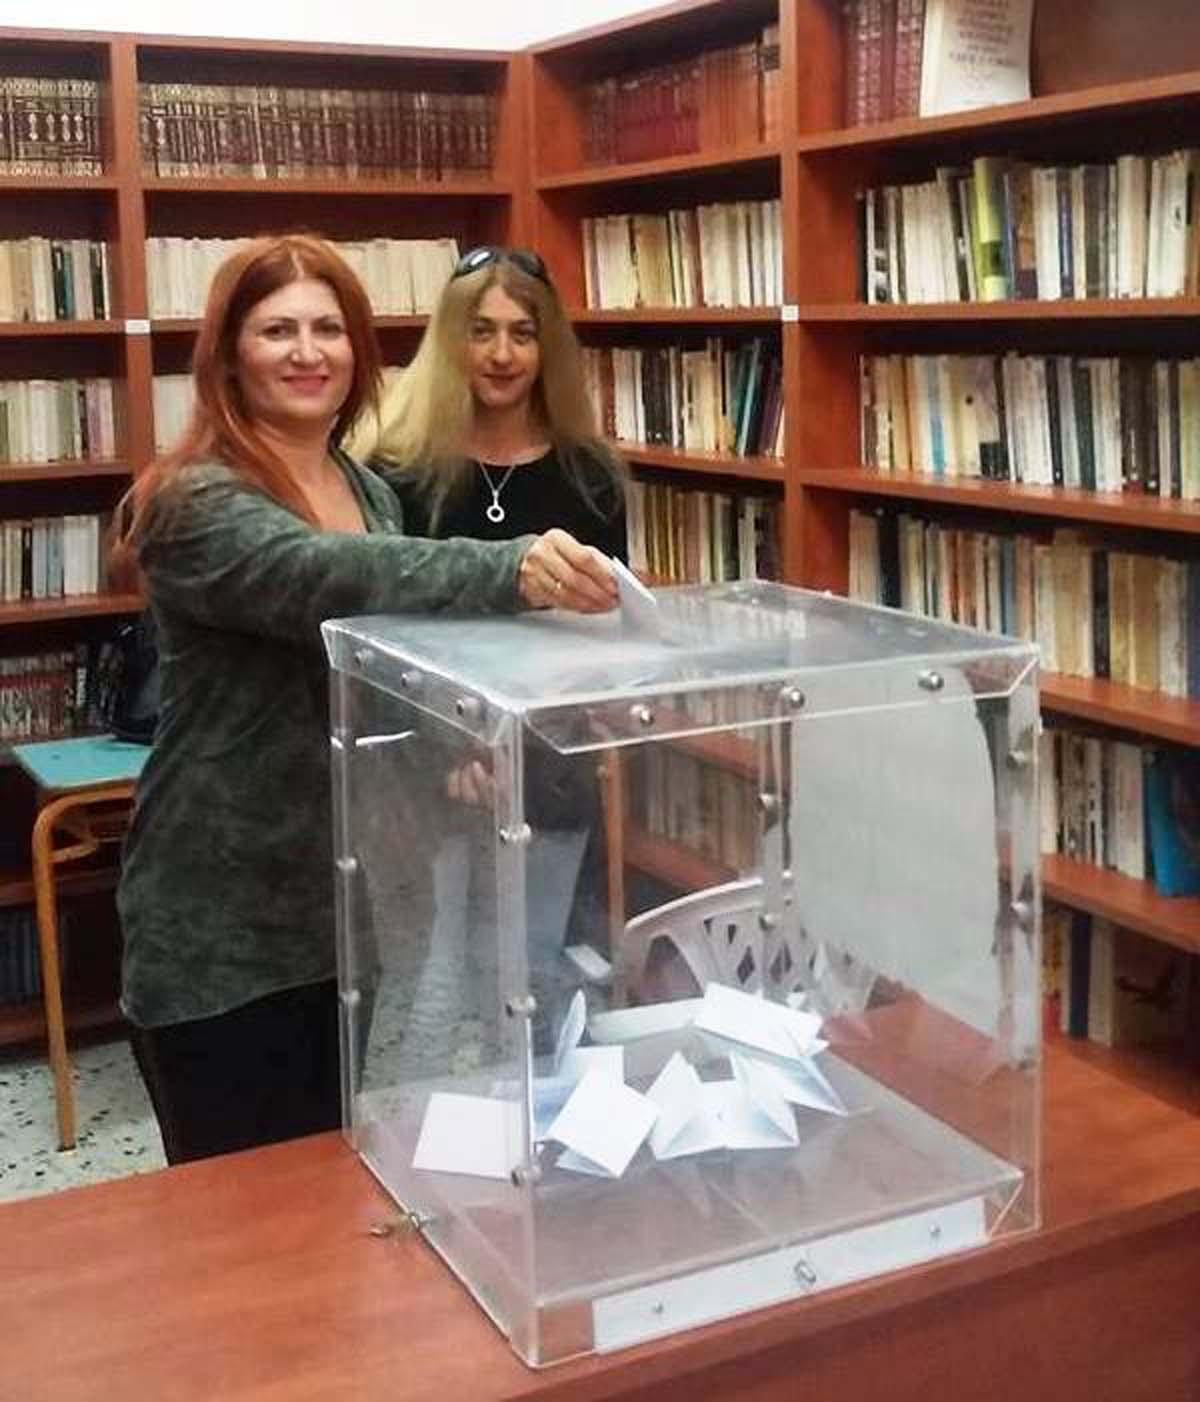 Μαζική συμμετοχή στις εκλογές του Μορφωτικού Συλλόγου Τσαριτσάνης